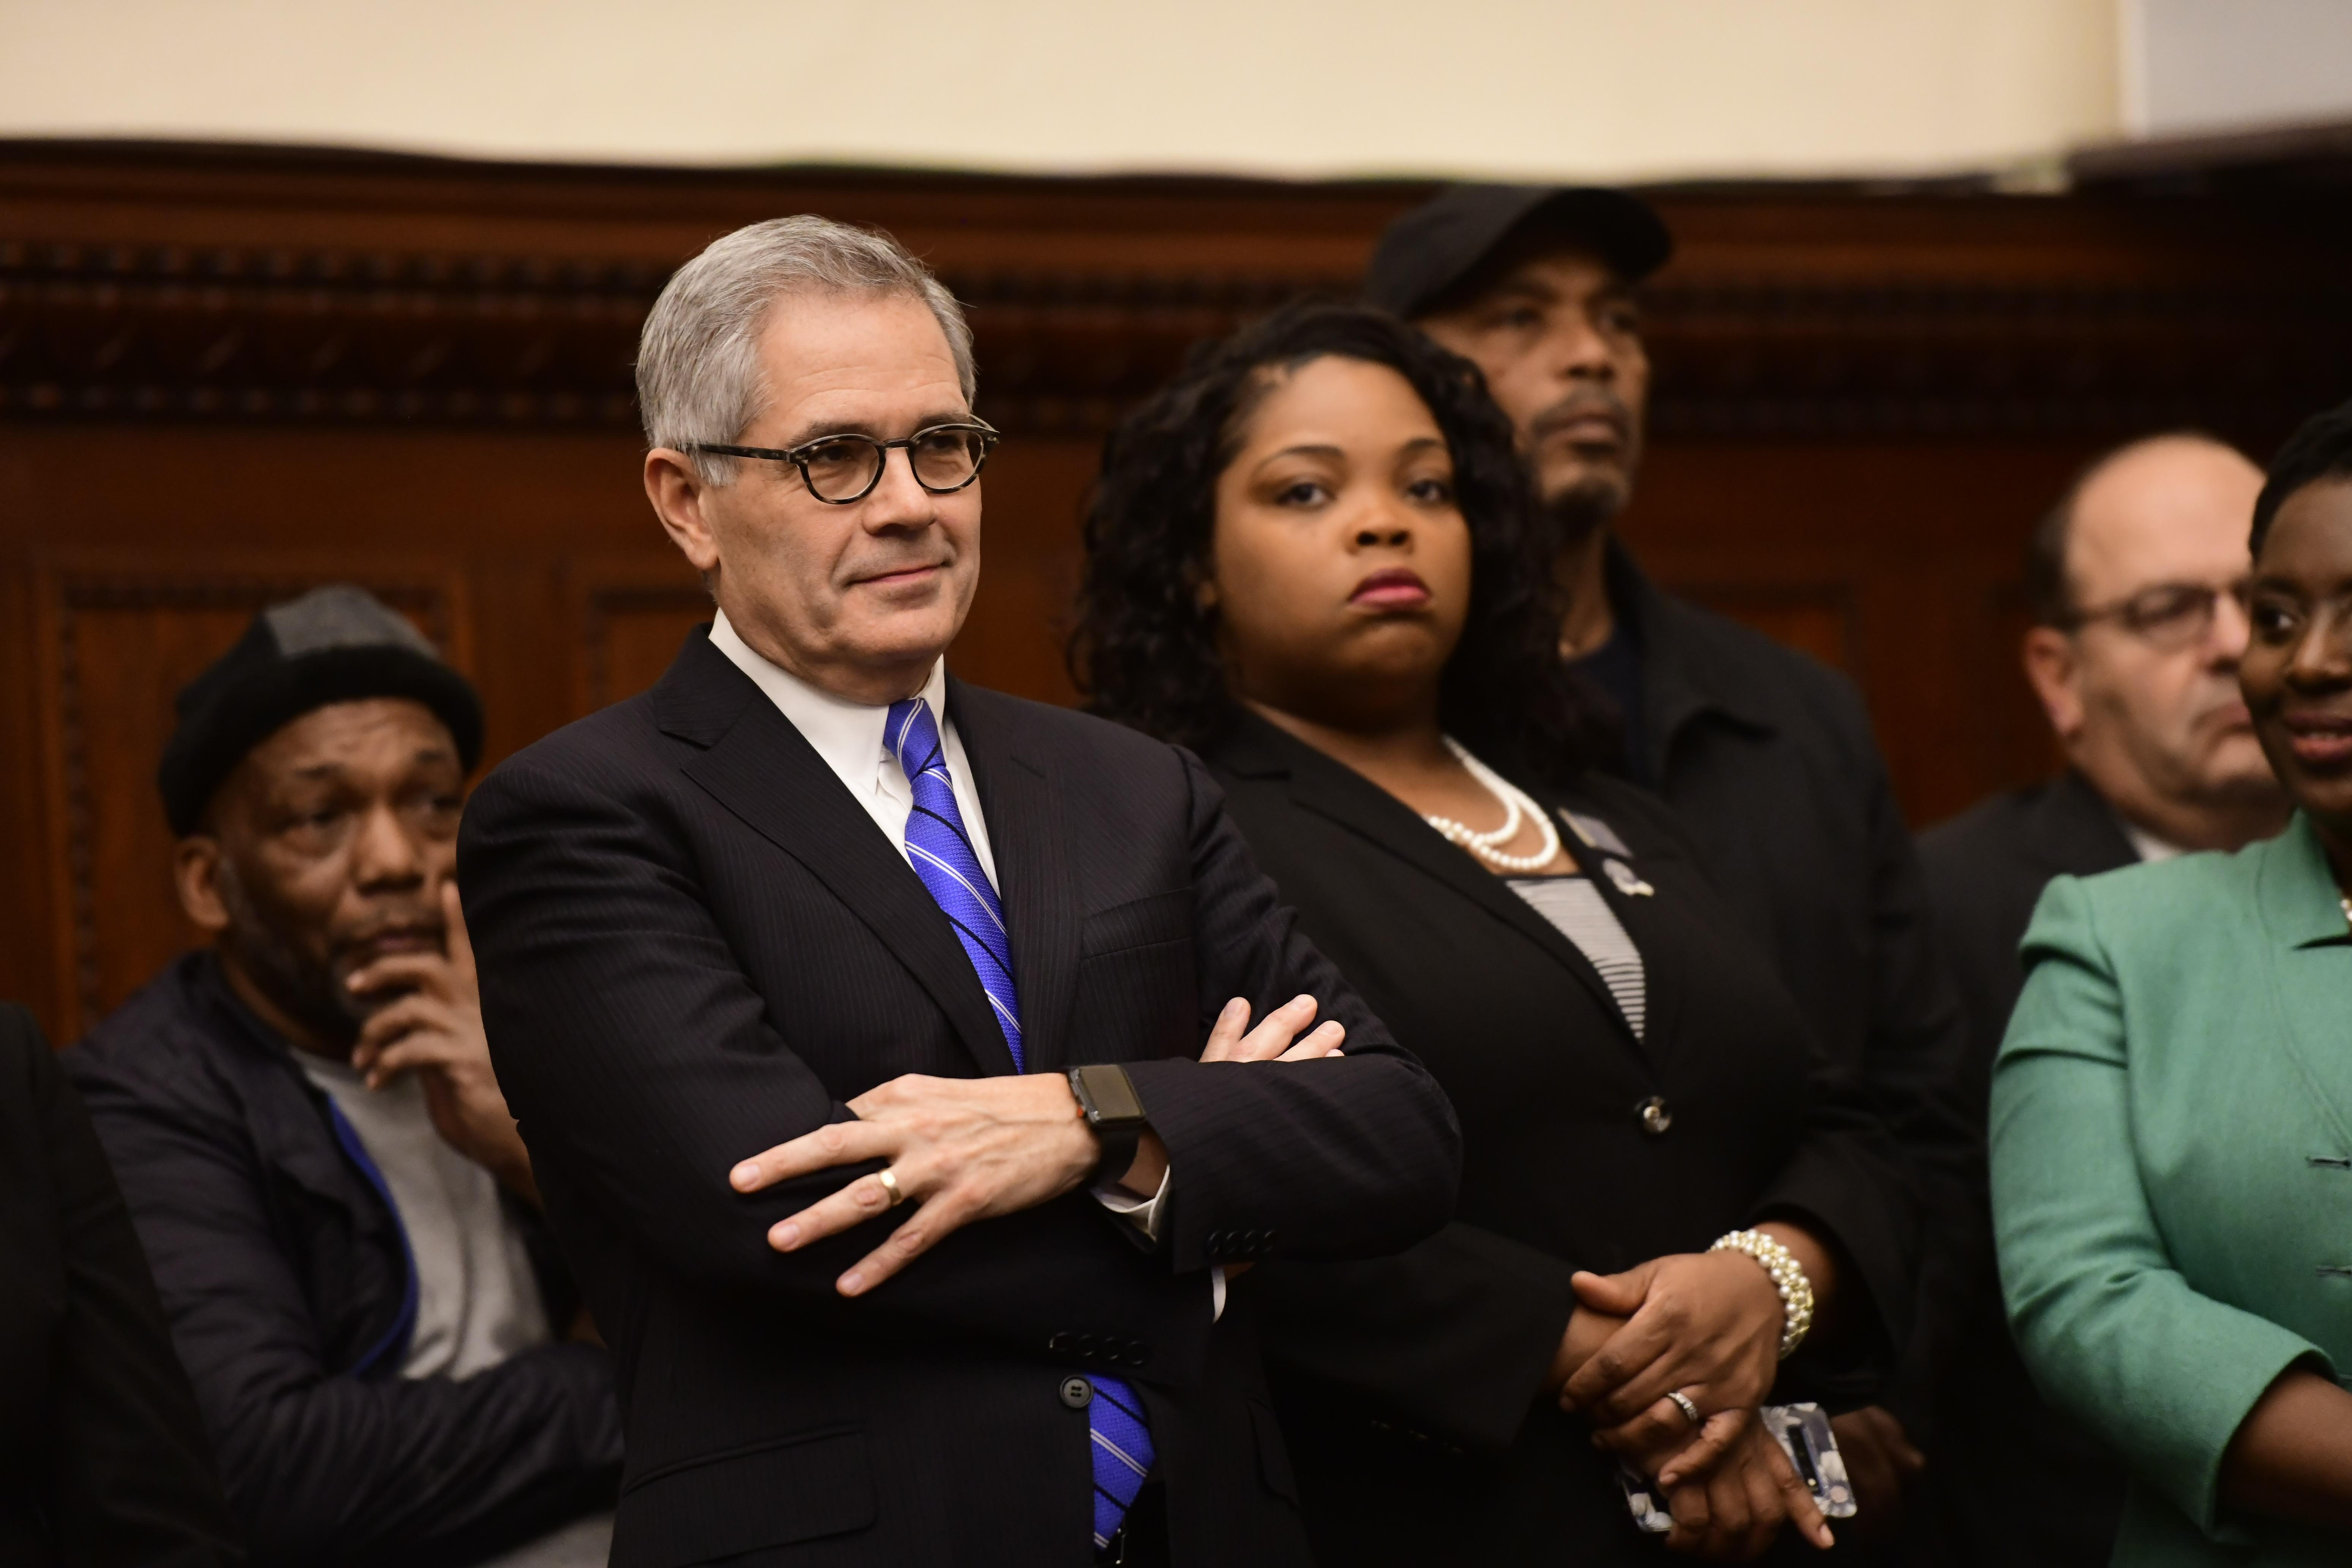 费城市长肯尼任命丹妮尔为新任警察局长